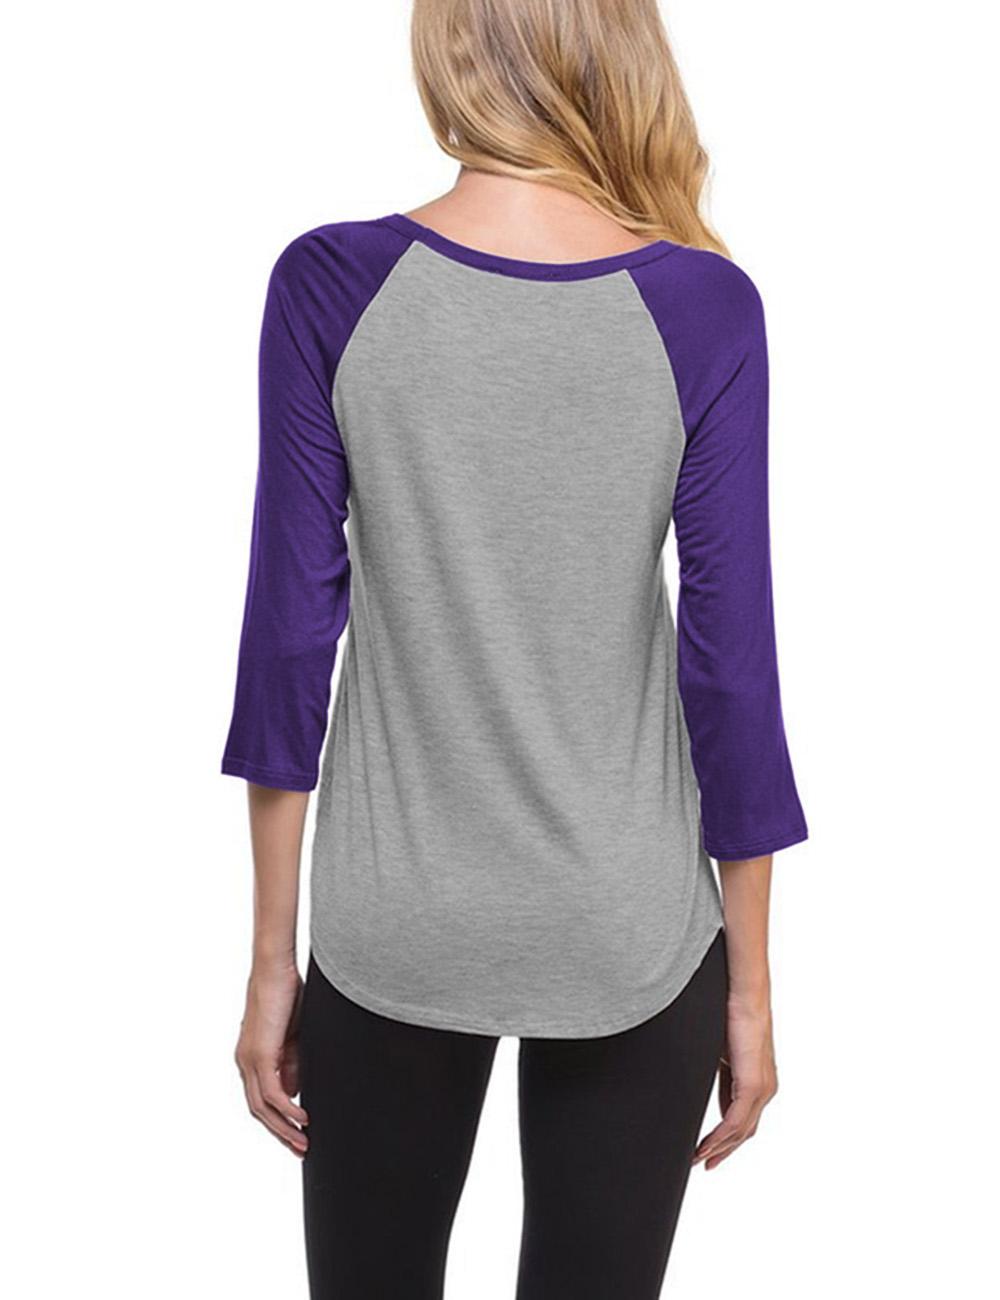 Us womens fashion v neck raglan 3 4 sleeve baseball t for Types of womens shirts